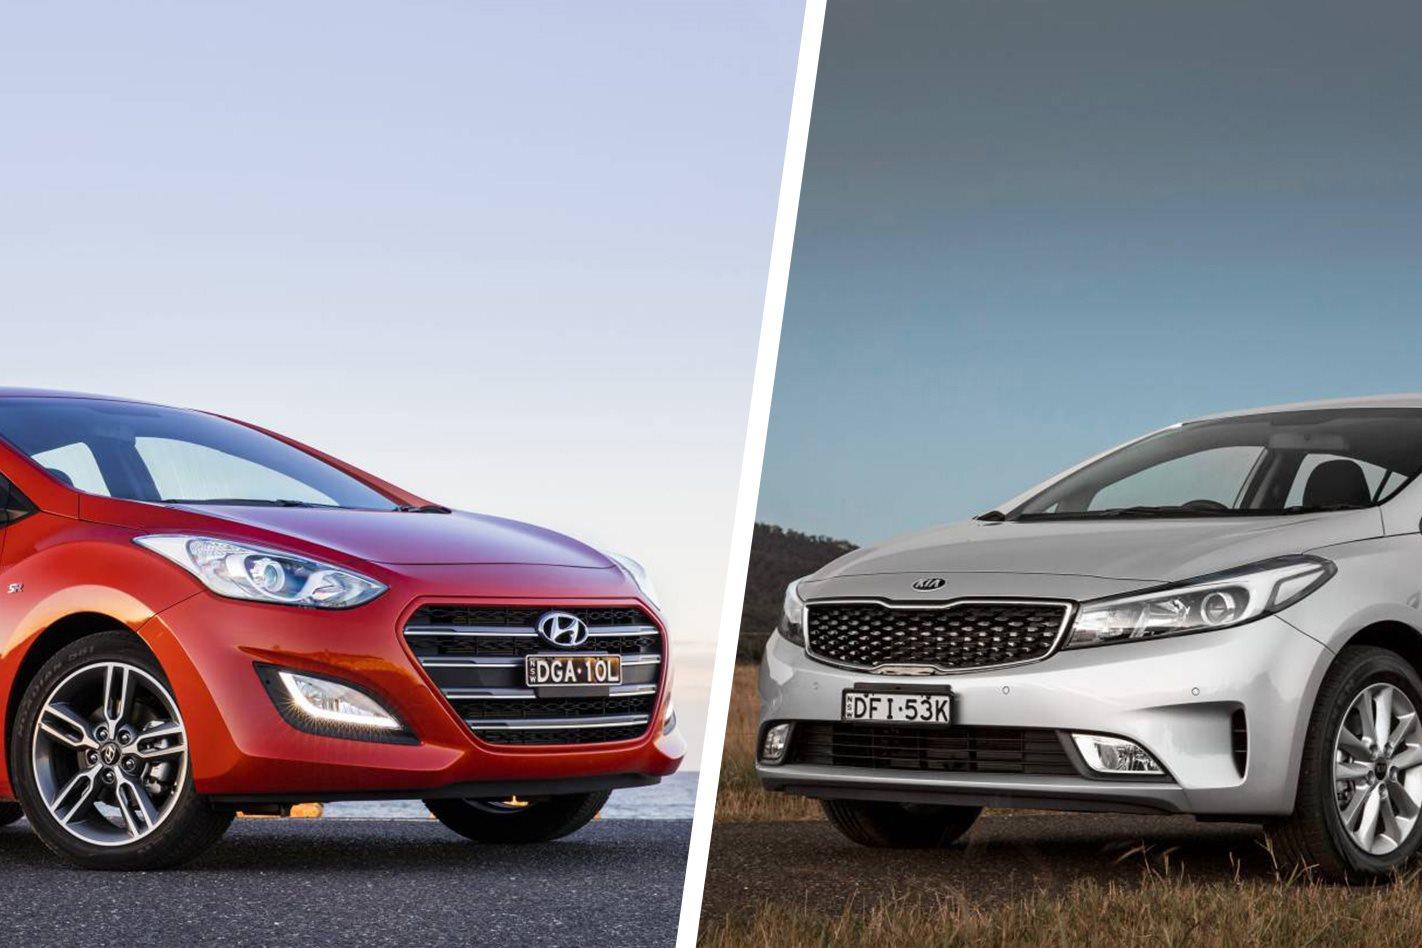 Hyundai i30 SR vs Kia Cerato Si comparison review